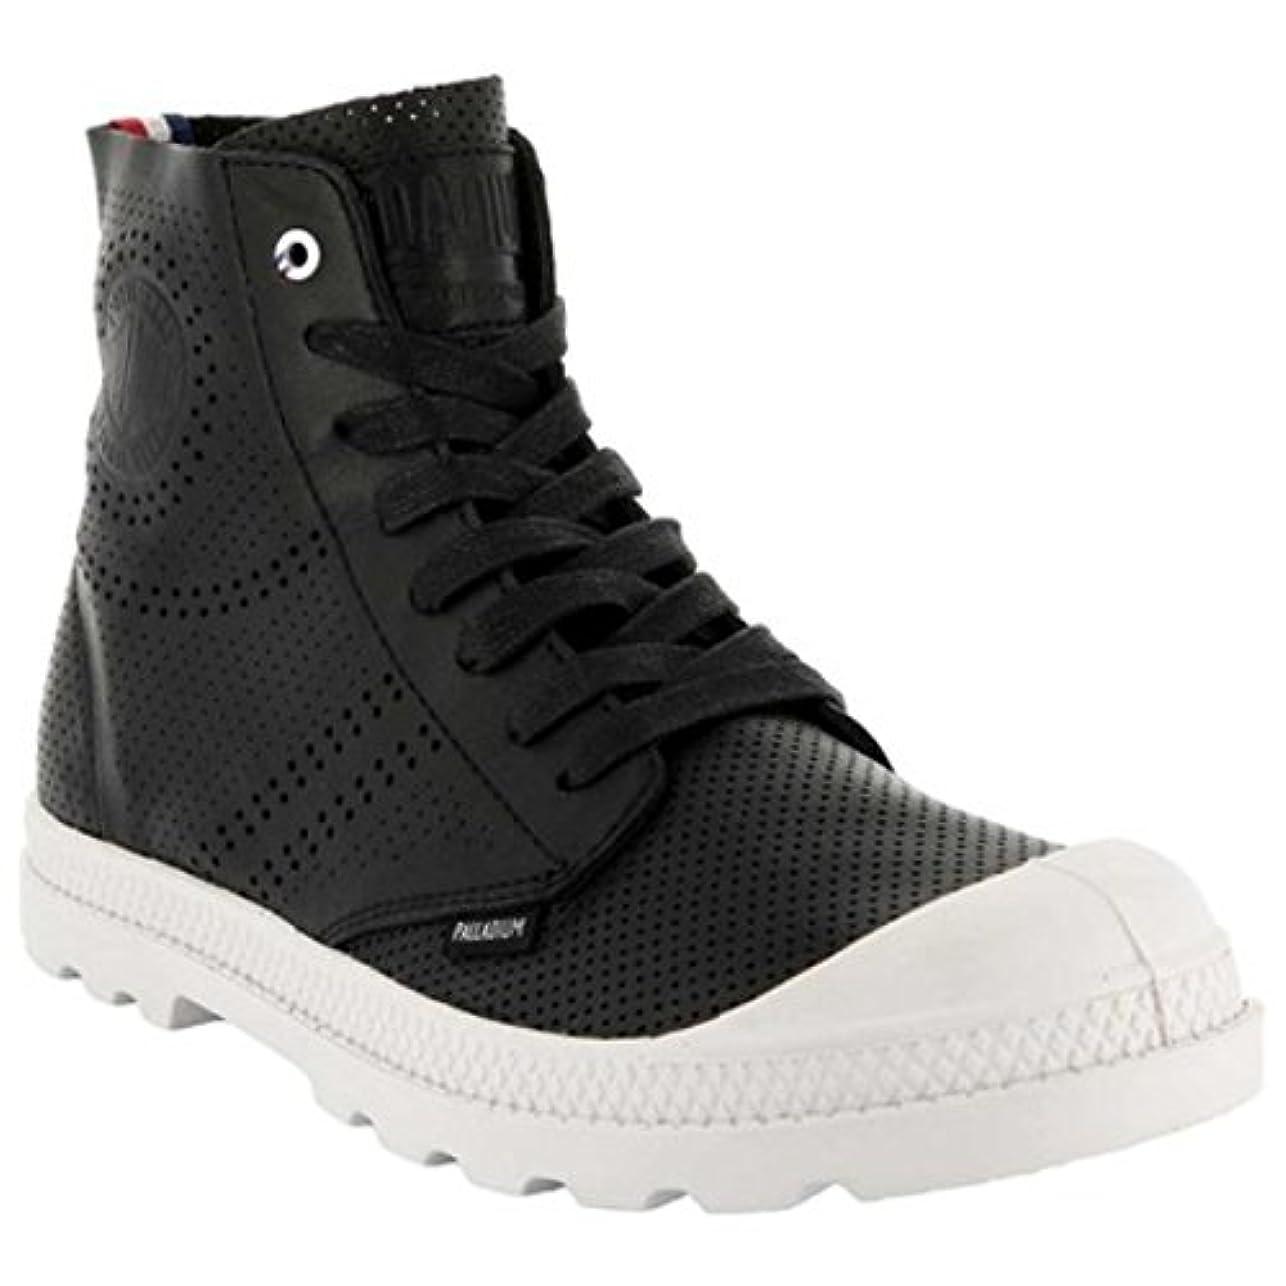 故障折クライストチャーチ(パラディウム) Palladium レディース シューズ?靴 ブーツ Pampa Mid LP Perforated Boot [並行輸入品]